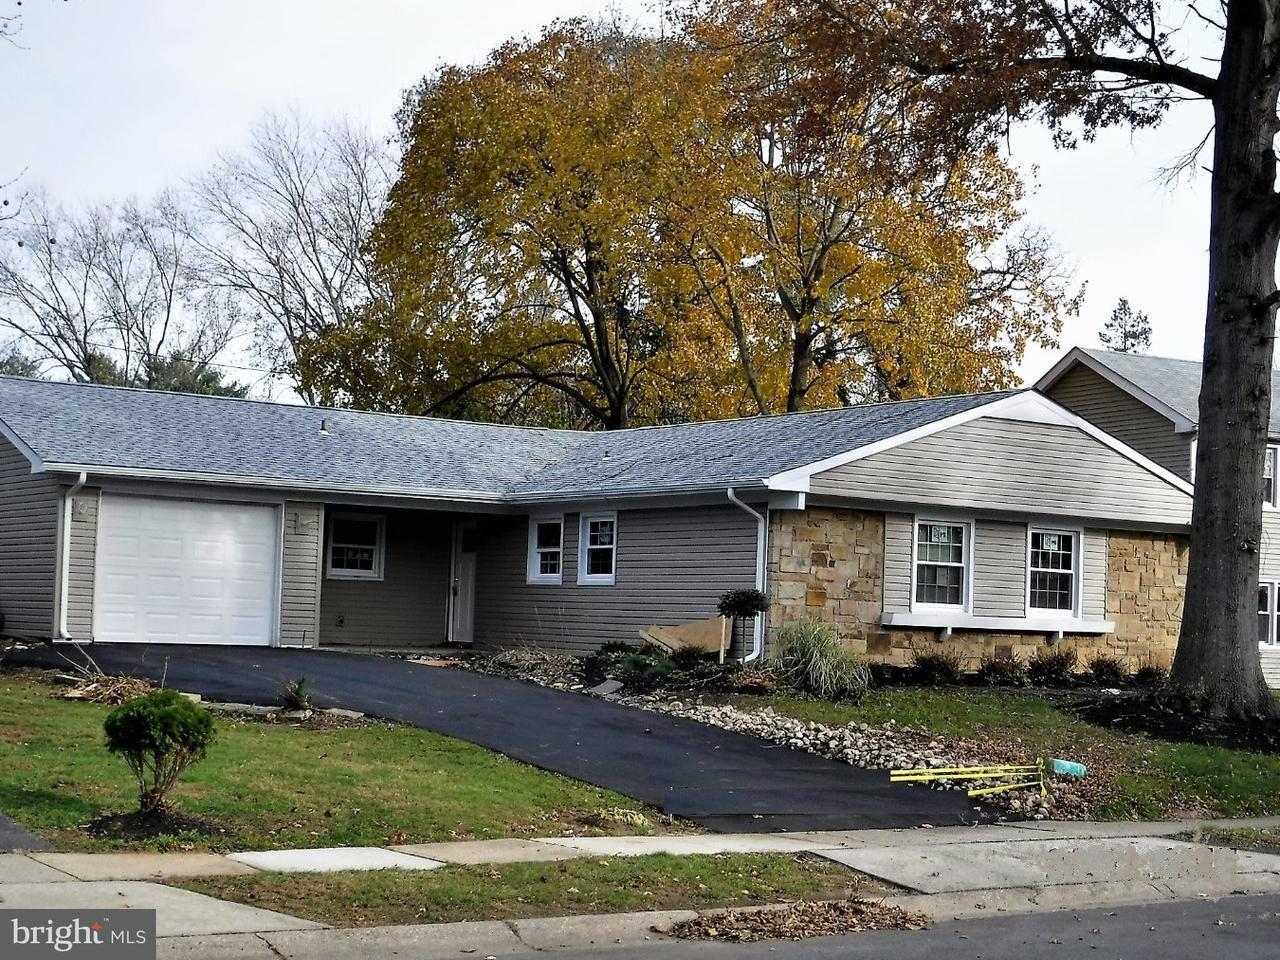 独户住宅 为 出租 在 40 HARRINGTON Circle Willingboro, 新泽西州 08046 美国